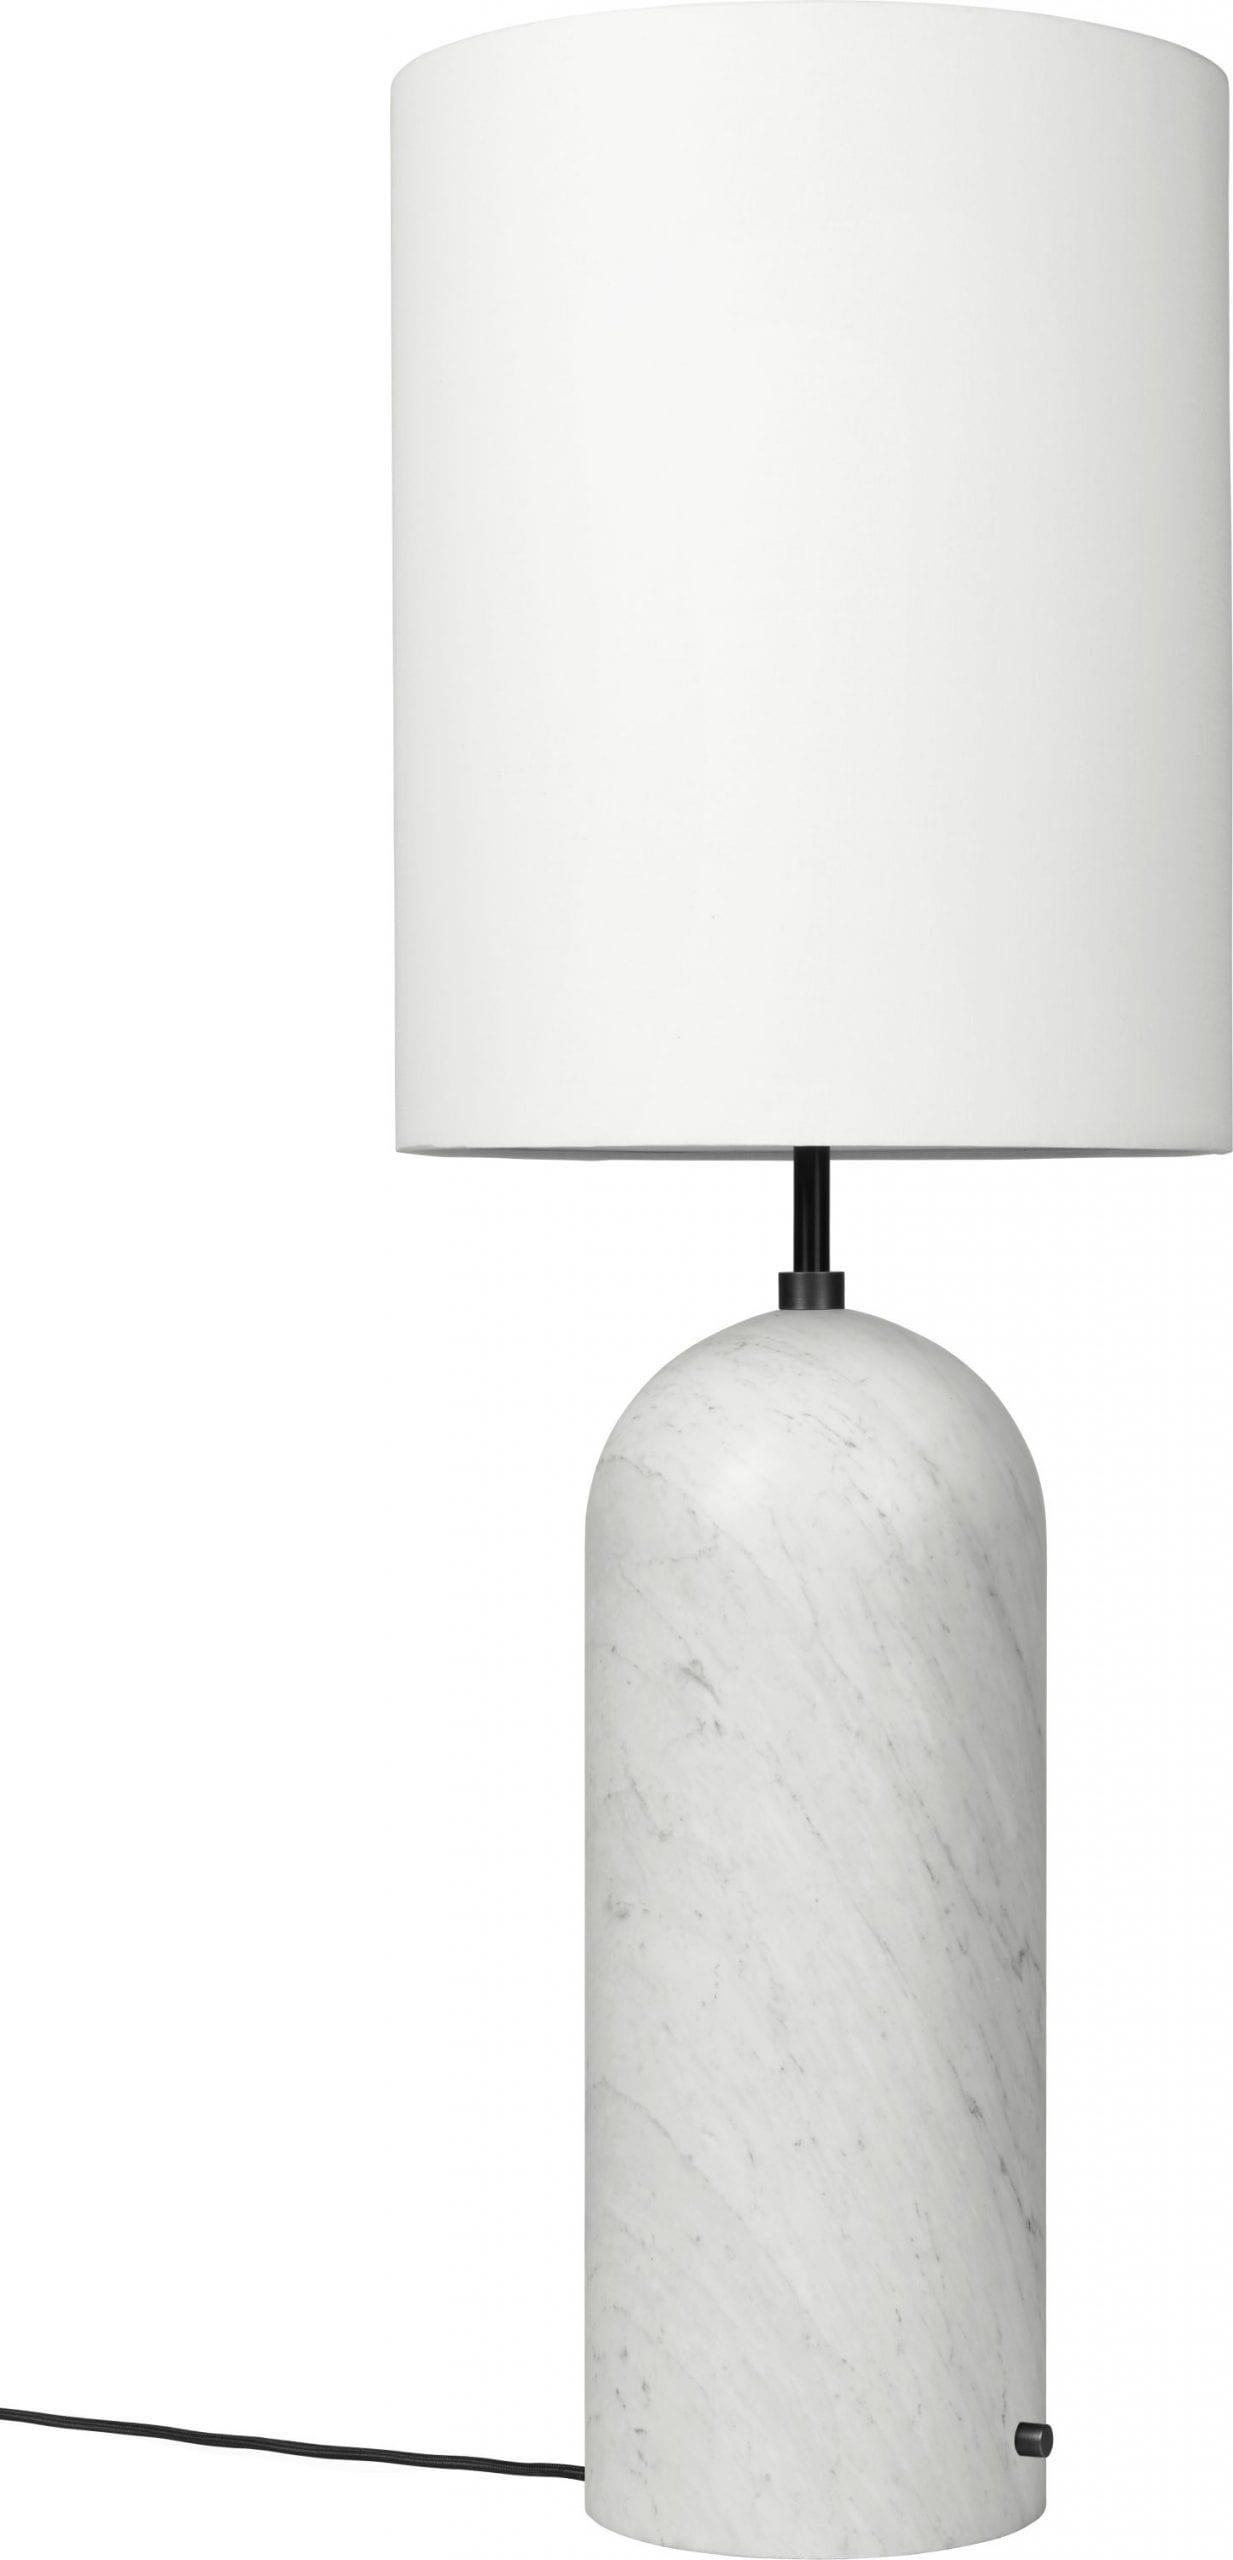 Gravity Floor Lamp Xl High גופי תאורה רצפתיים